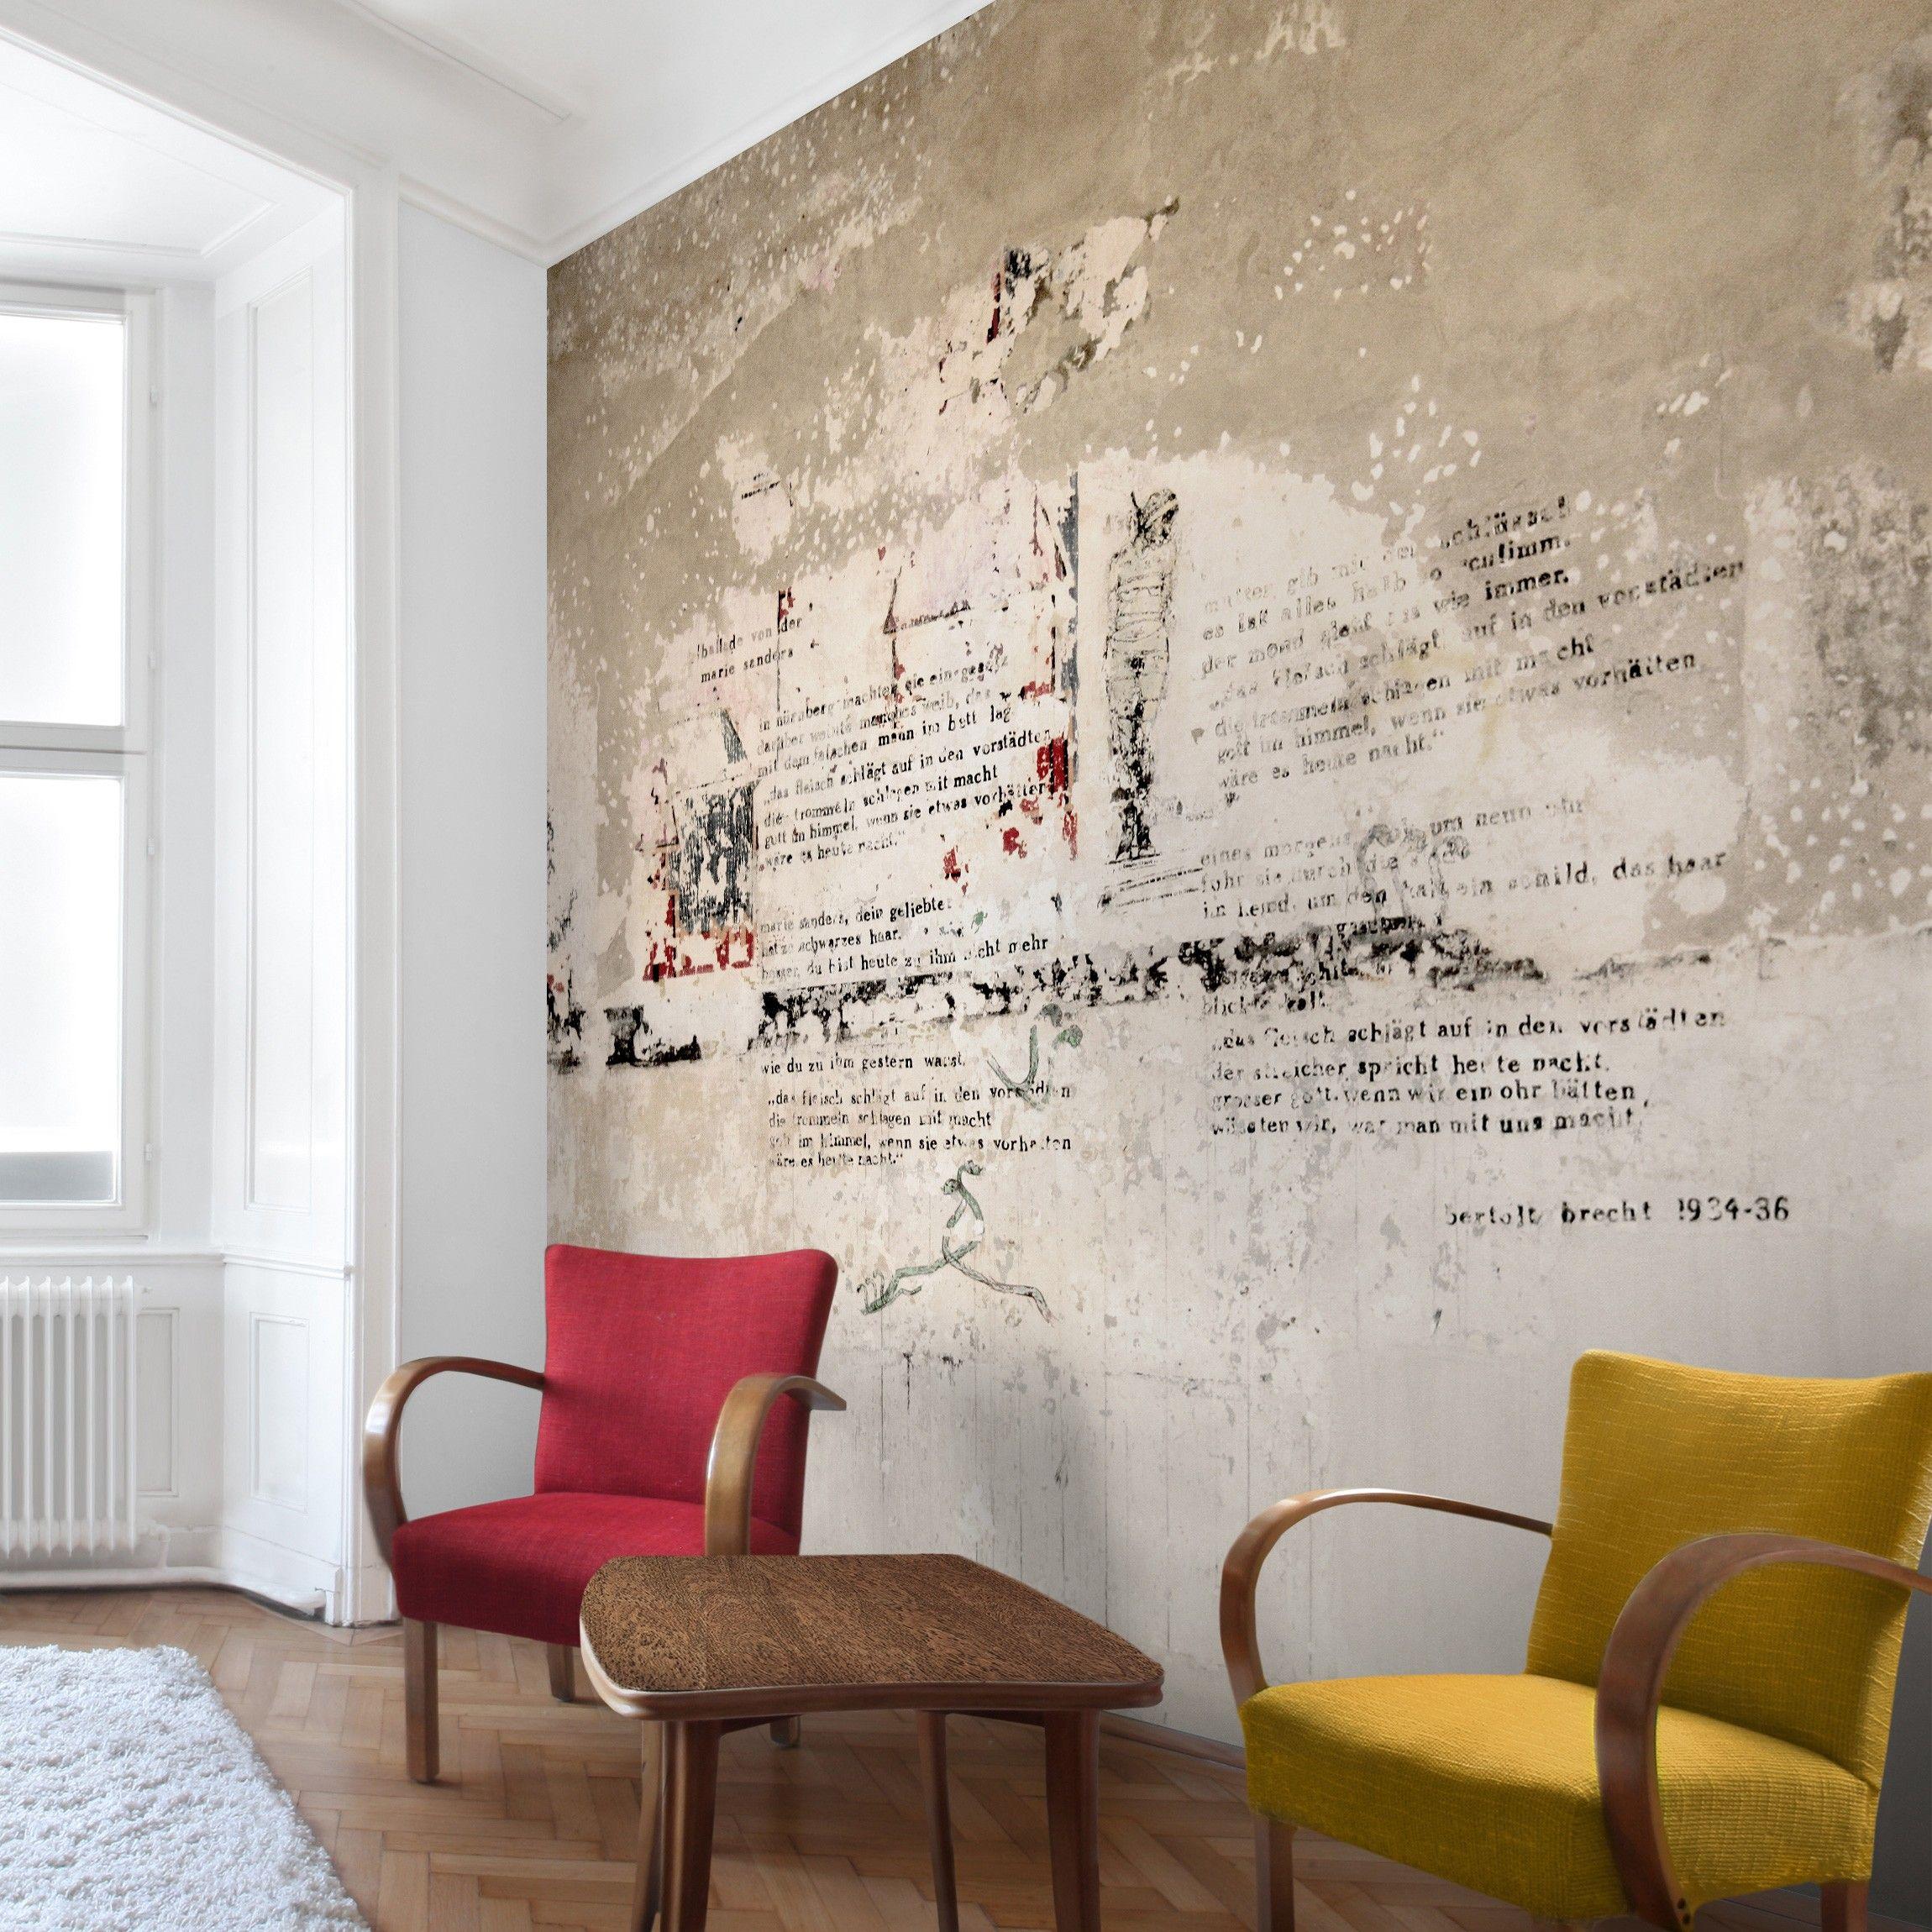 Tapete Betonoptik - Alte Betonwand mit Bertolt Brecht Versen ...